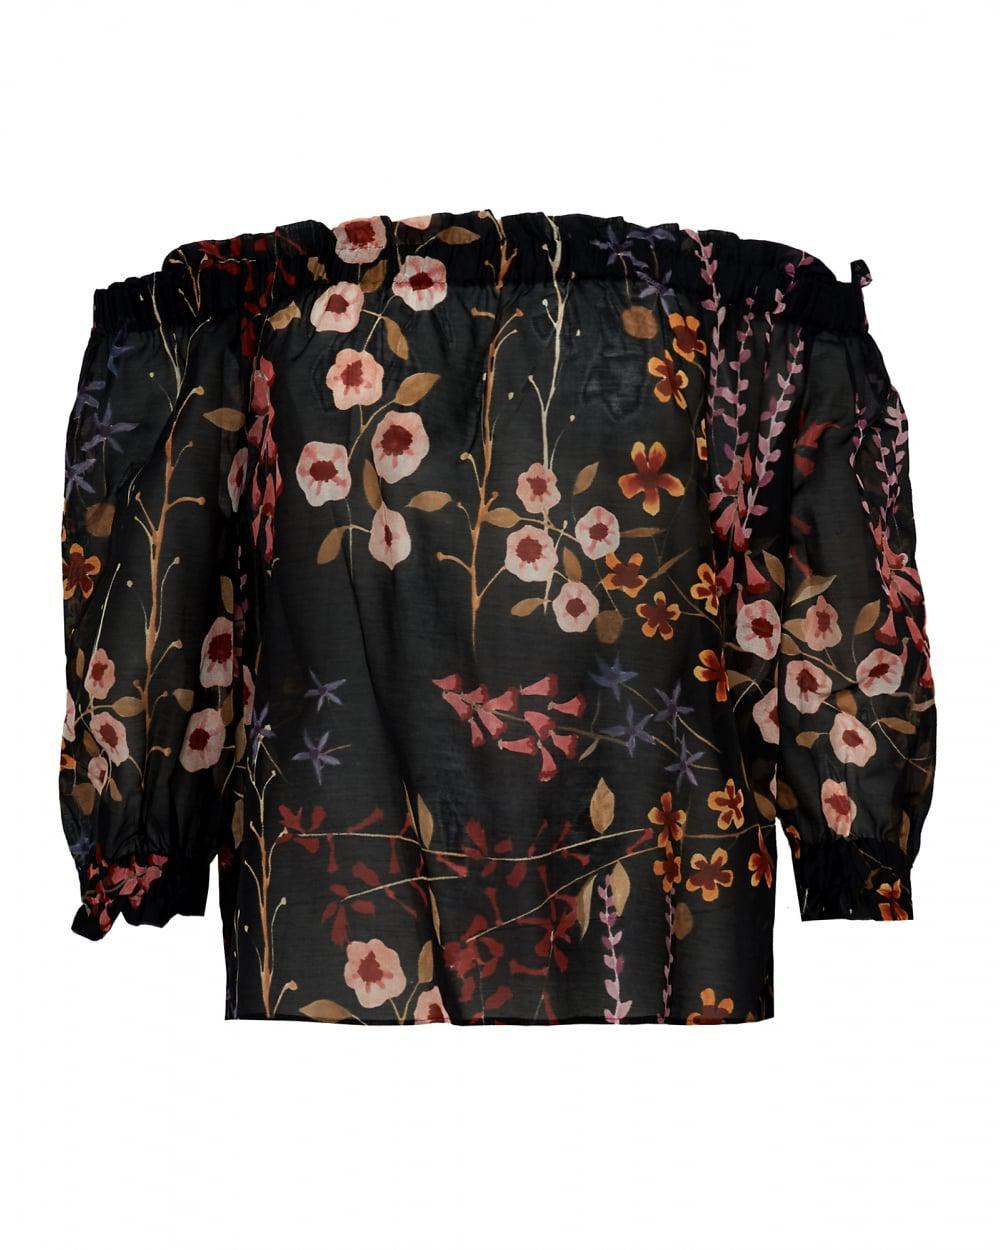 Lyst - Emporio Armani Off Shoulder Bardot Top, Sheer Floral Black ... 8925bf204c3